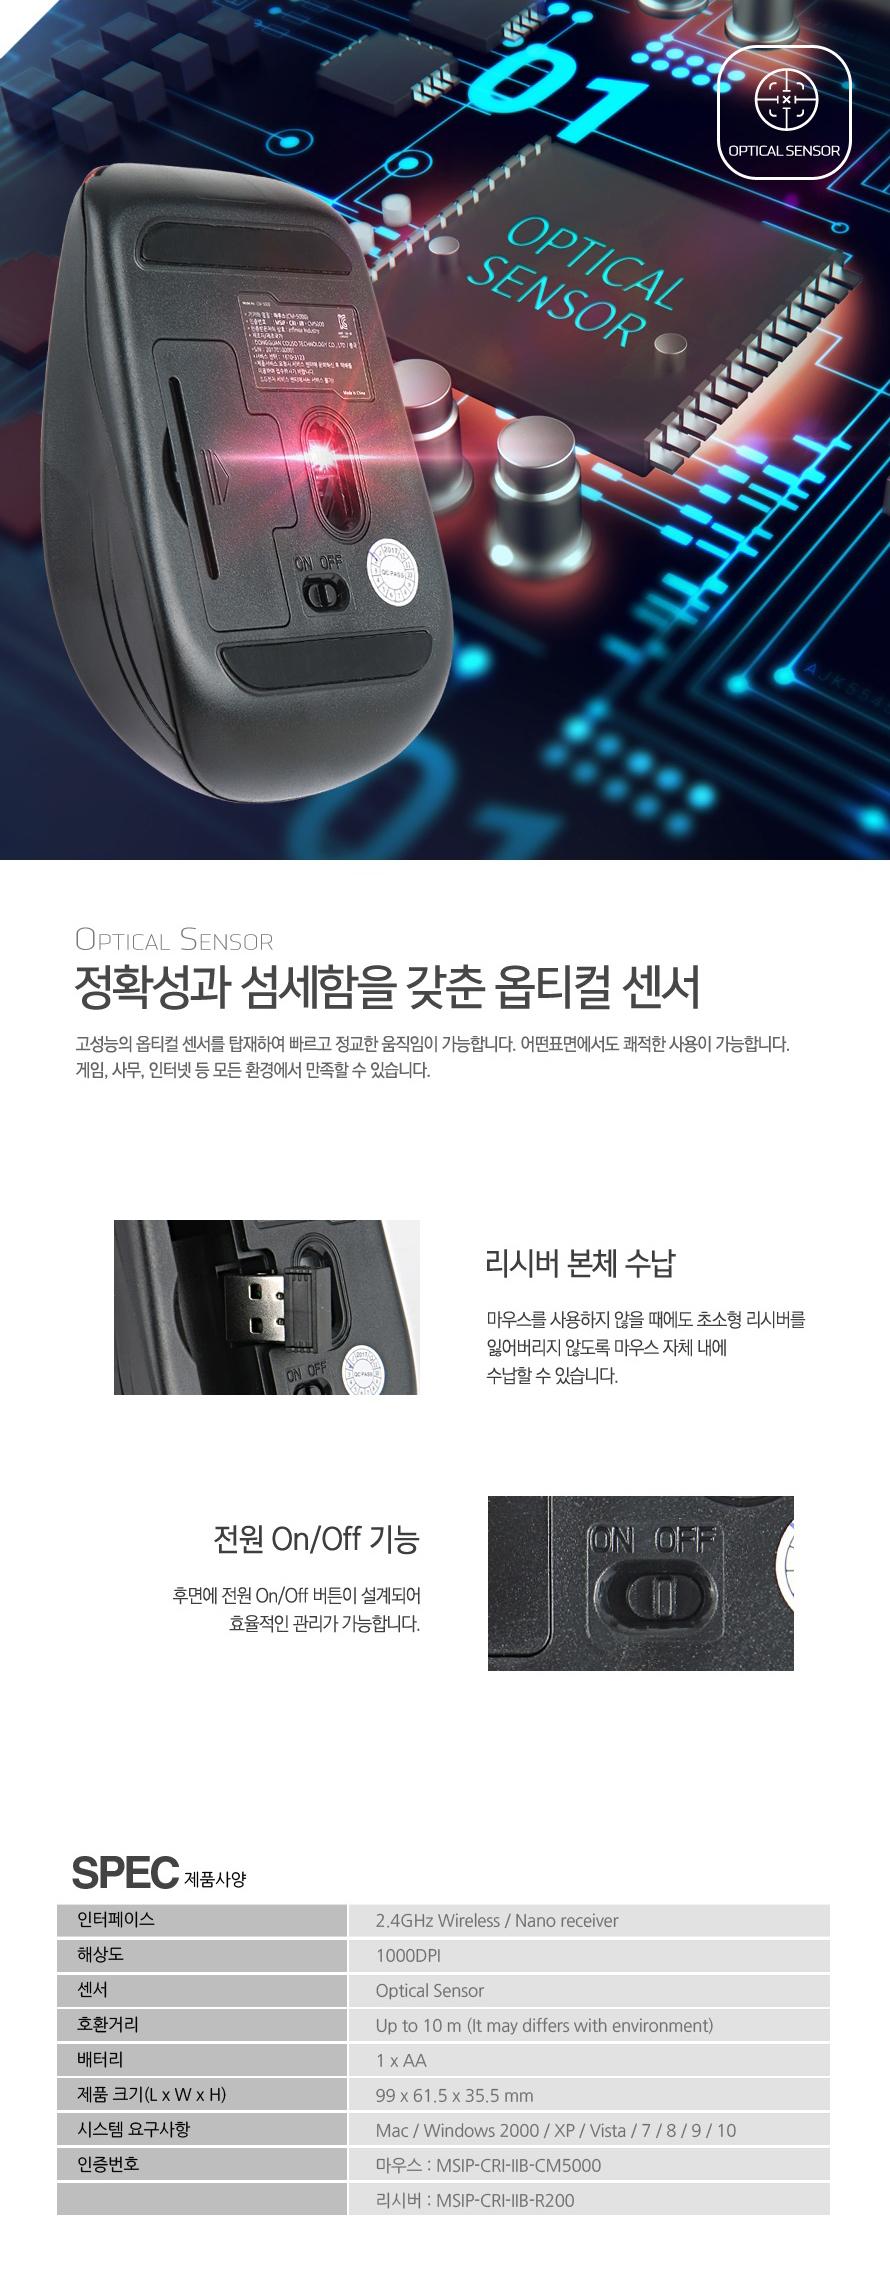 청맥전자 For LG CM-5000 (블랙)